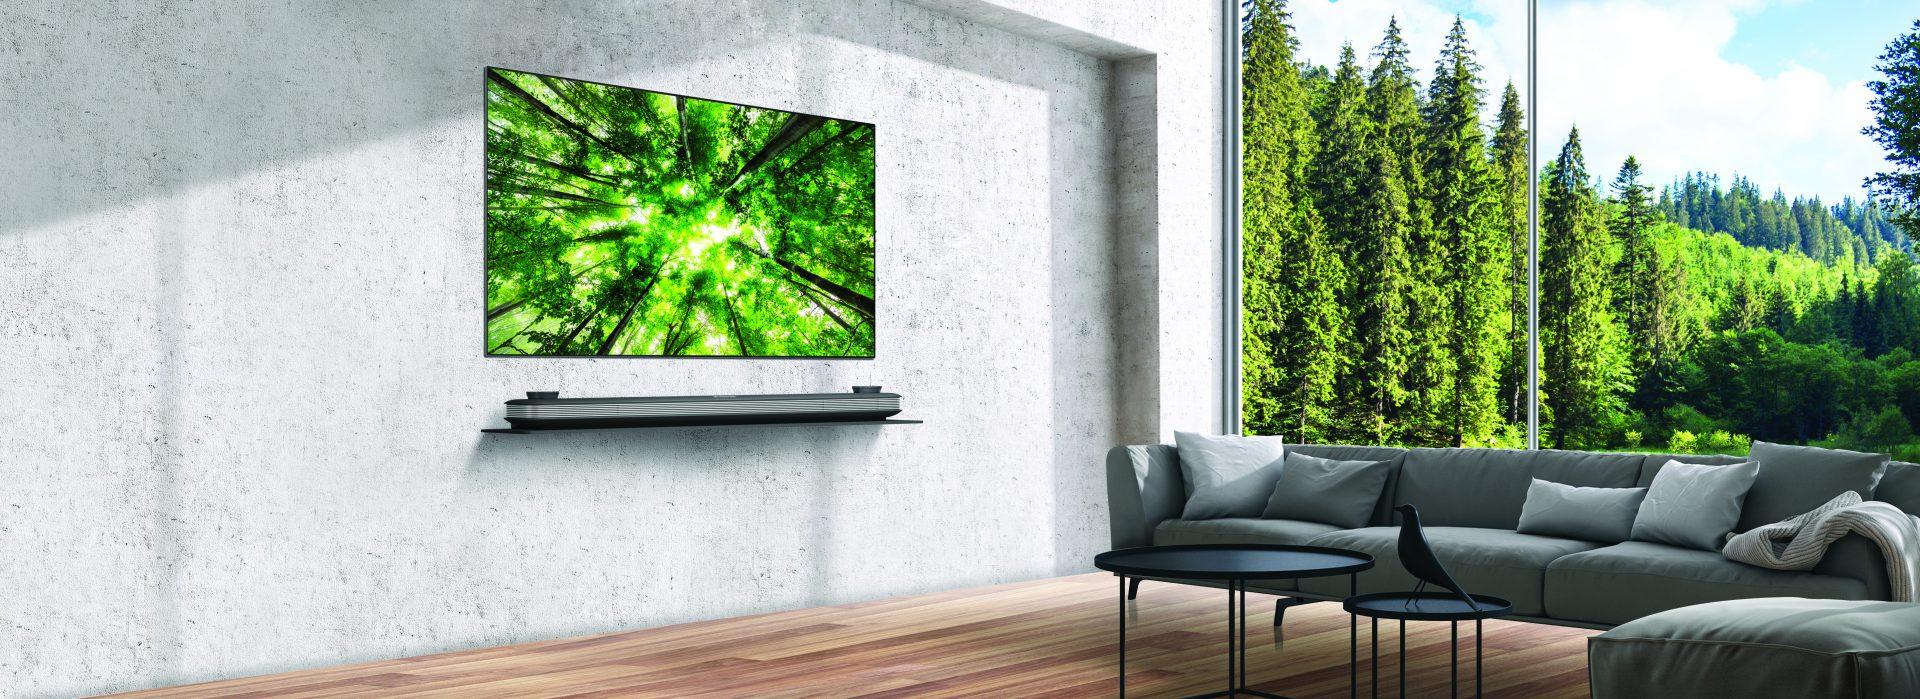 Ultramoderne TEST: LG OLED65W8 - Eksotisk vægpryd | Lyd & Billede NO-55